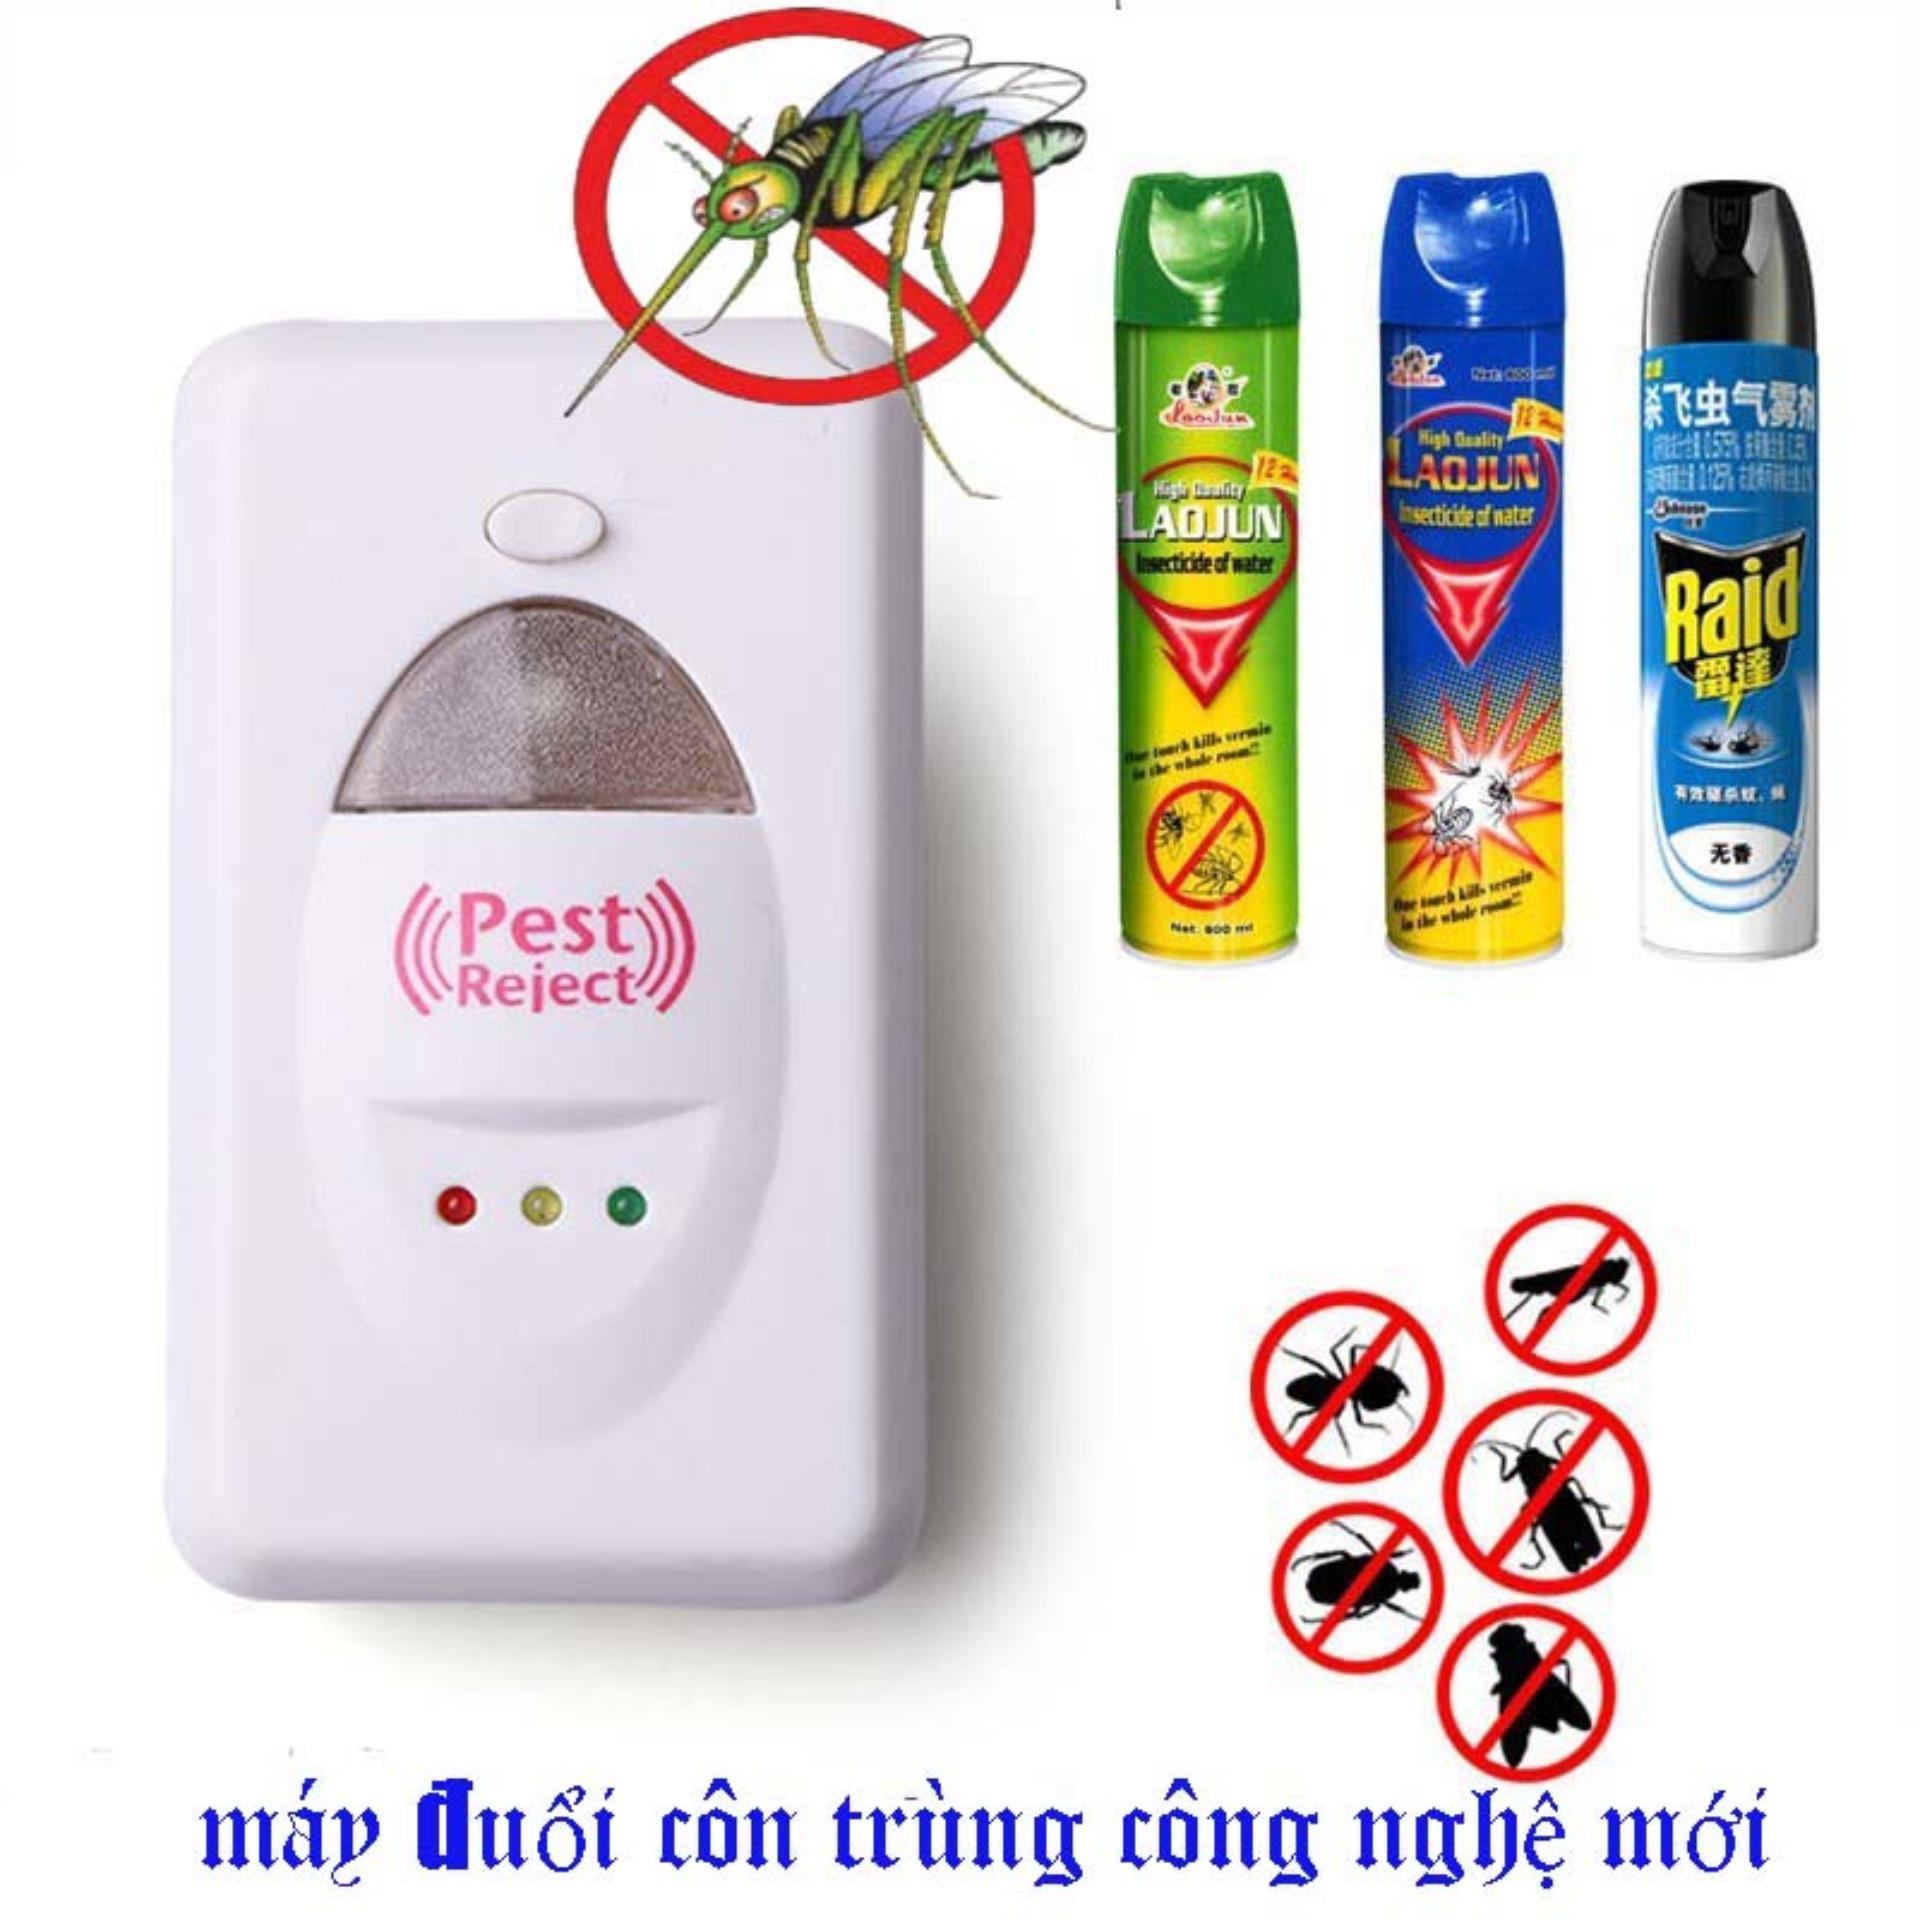 May Duoi muỗi.Máy Đuổi Côn Trùng Pest Reject Công ngệ mới Sử Dụng Sóng Siêu Âm Có Thể Đuổi Muỗi+Gián+Chuột+Ruồi.An Toàn Dễ Sd.Bh 1 Năm 1 Đổi 1.Sale 50% Mẫu 176